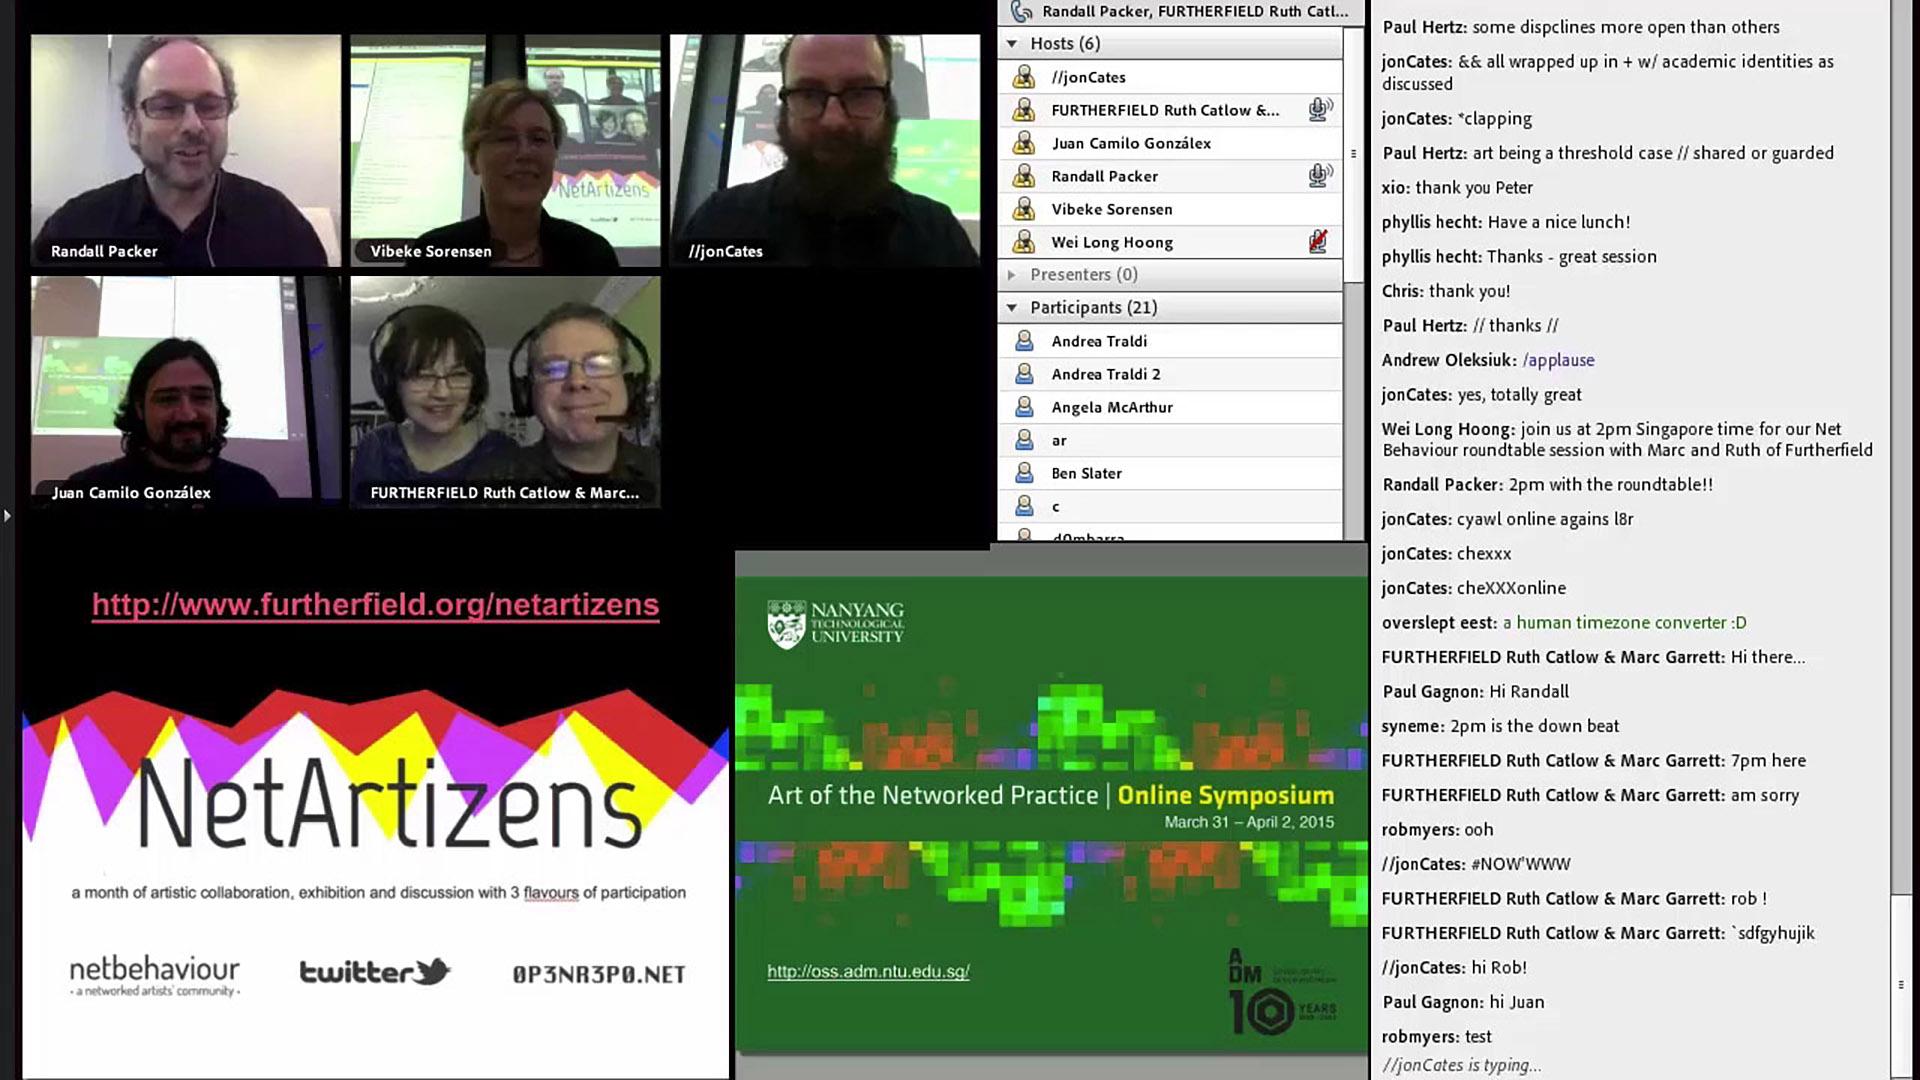 Panel 4 - Net Behaviors_4441_full